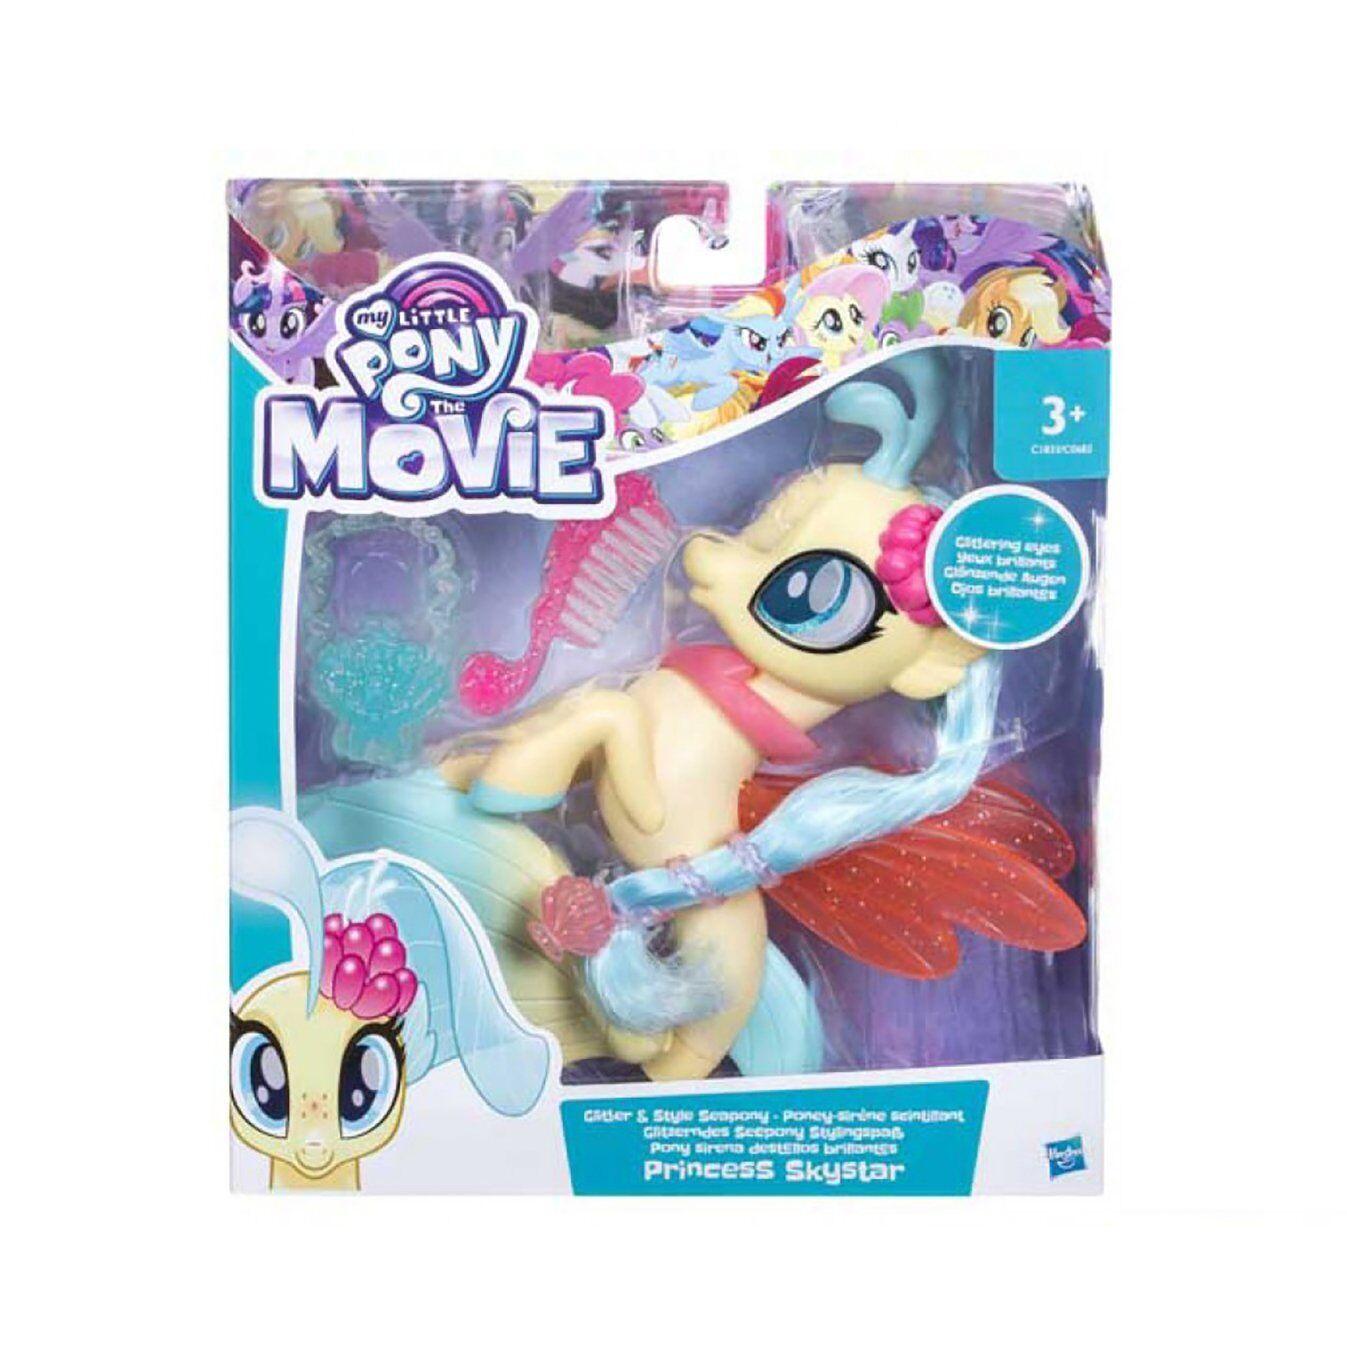 Bambole di Film e Tv Hasbro C0683EU4